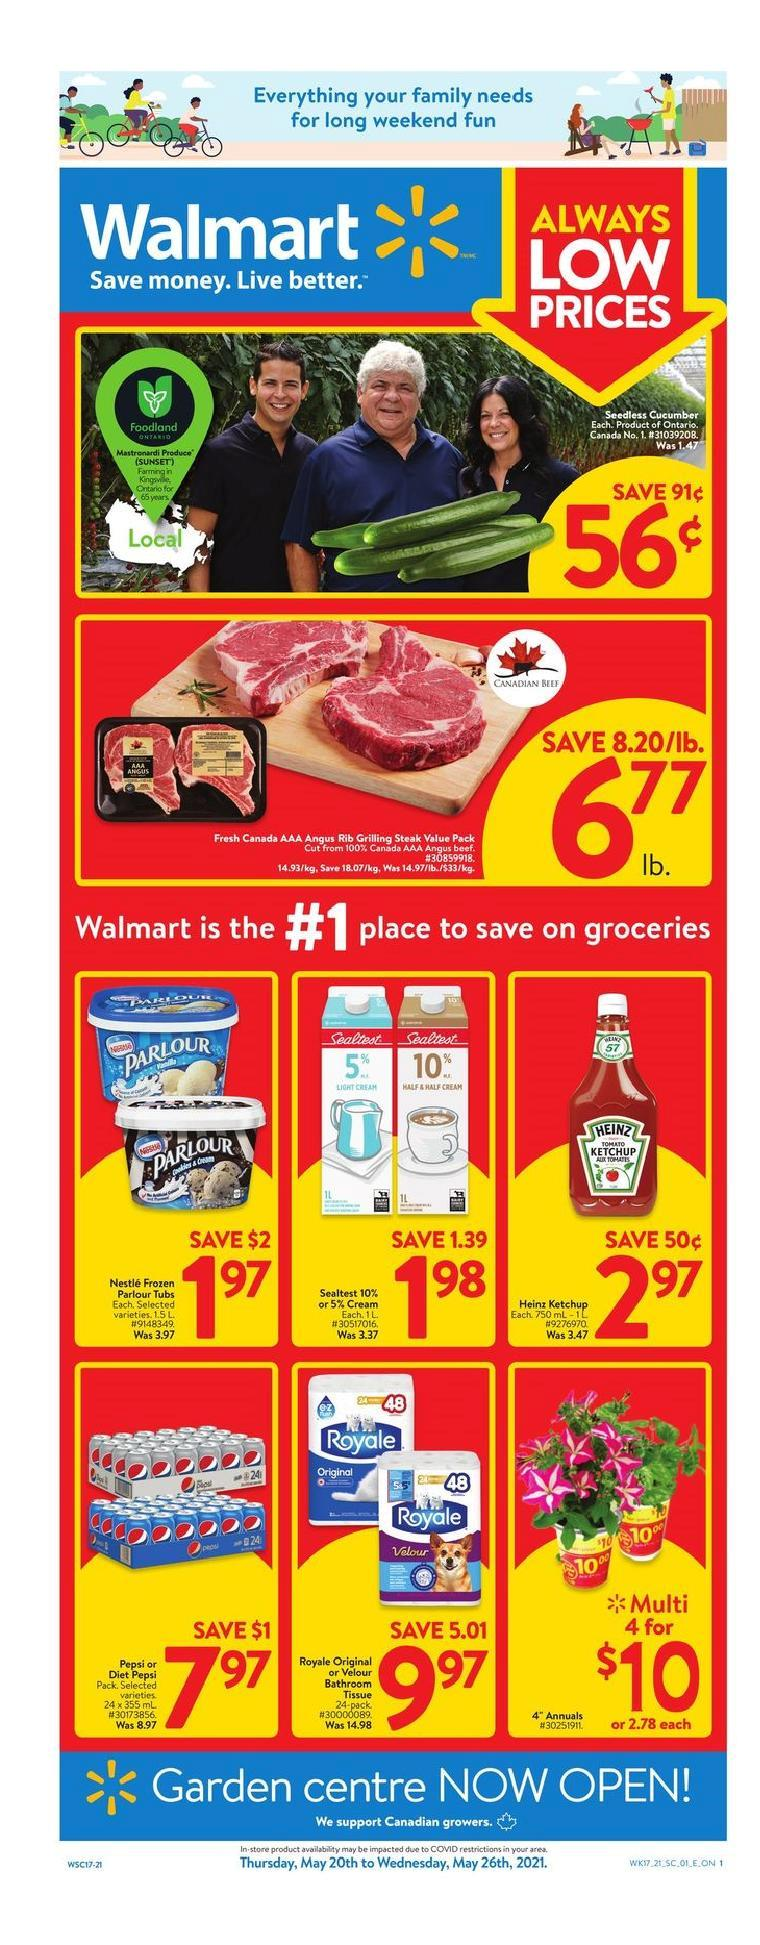 01 Walmart Supercentre Flyer May 20 May 26 2021